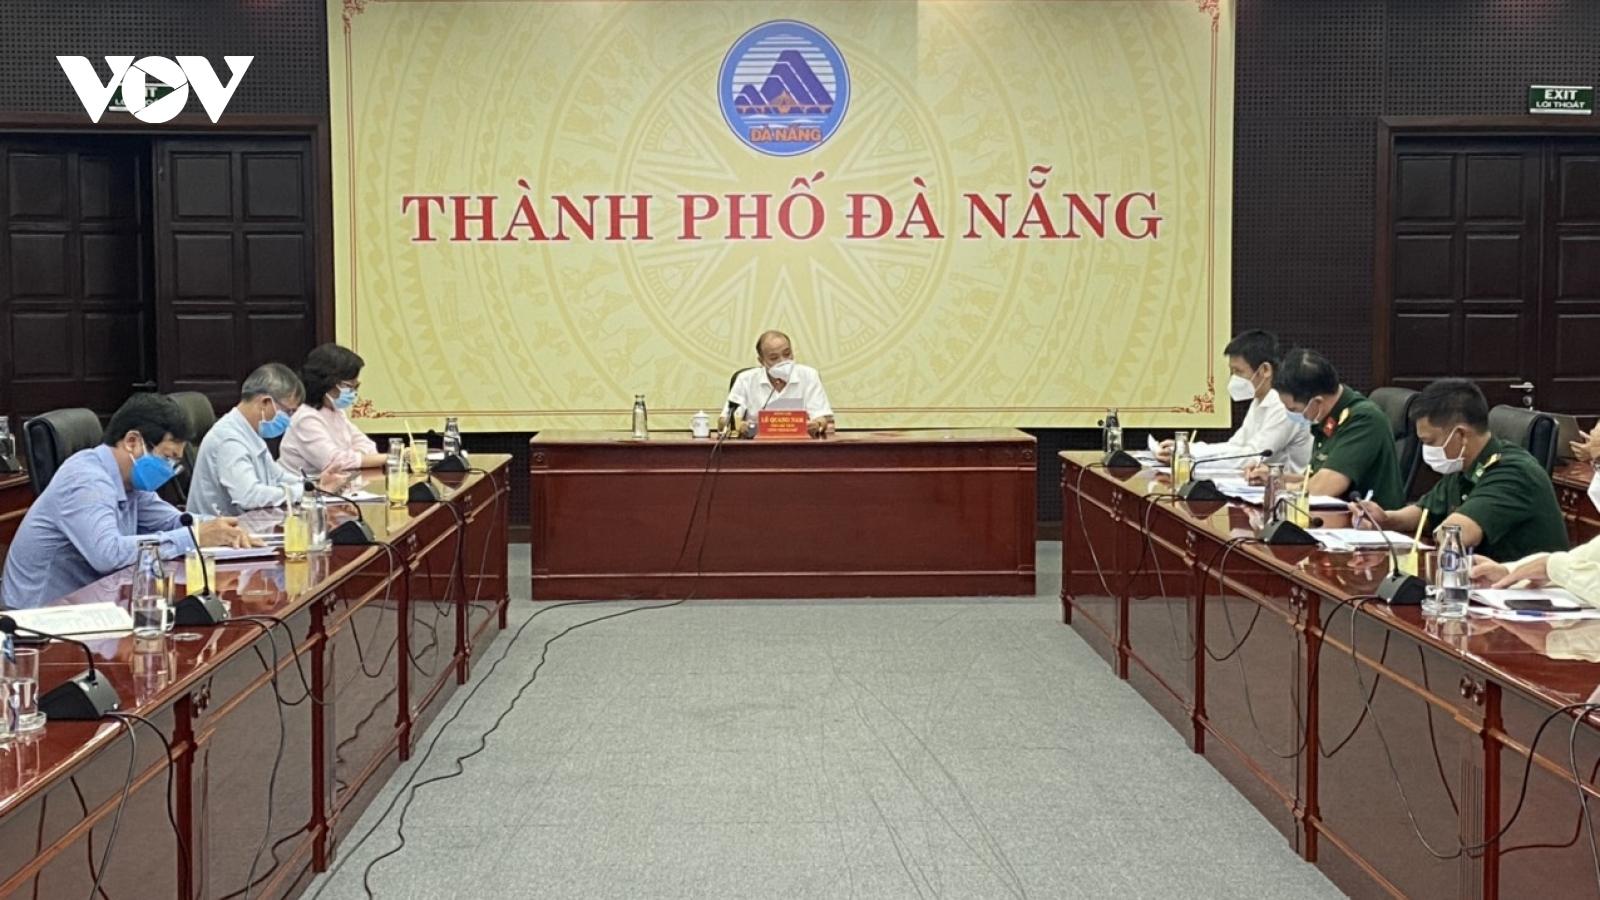 Nhiều nhà hàng ở Đà Nẵng vi phạm quy định phòng chống dịch khi mở cửa trở lại